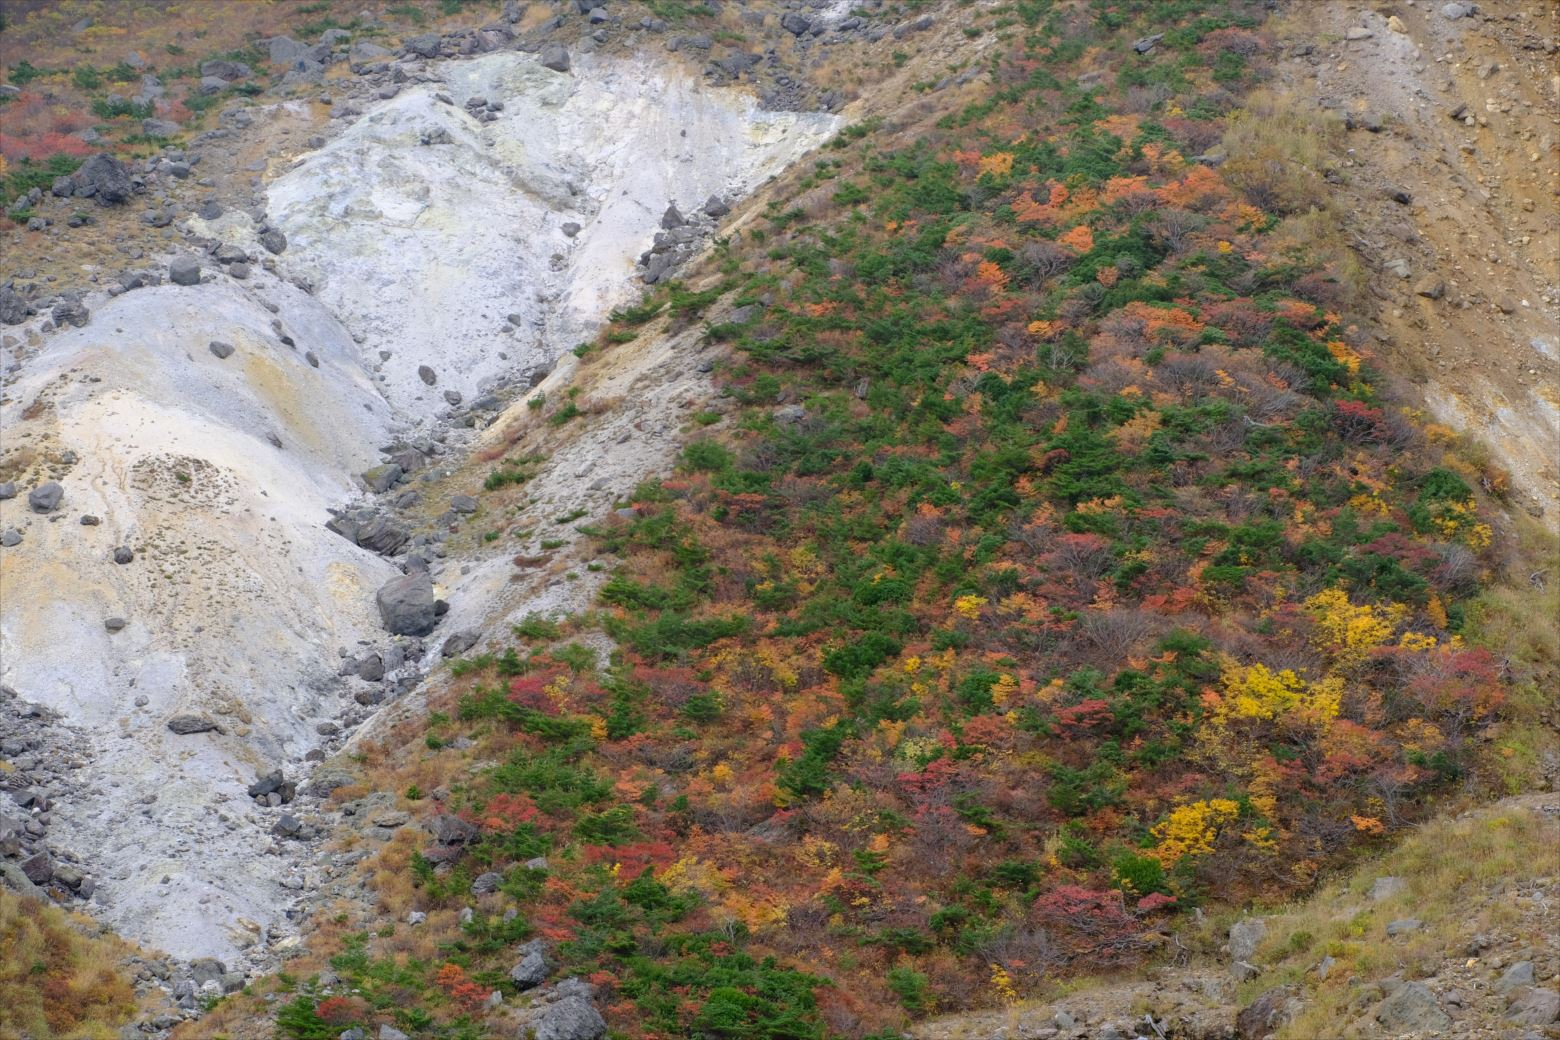 【紅葉登山】安達太良山~ロープウェイで行く紅葉、温泉、滝めぐり~